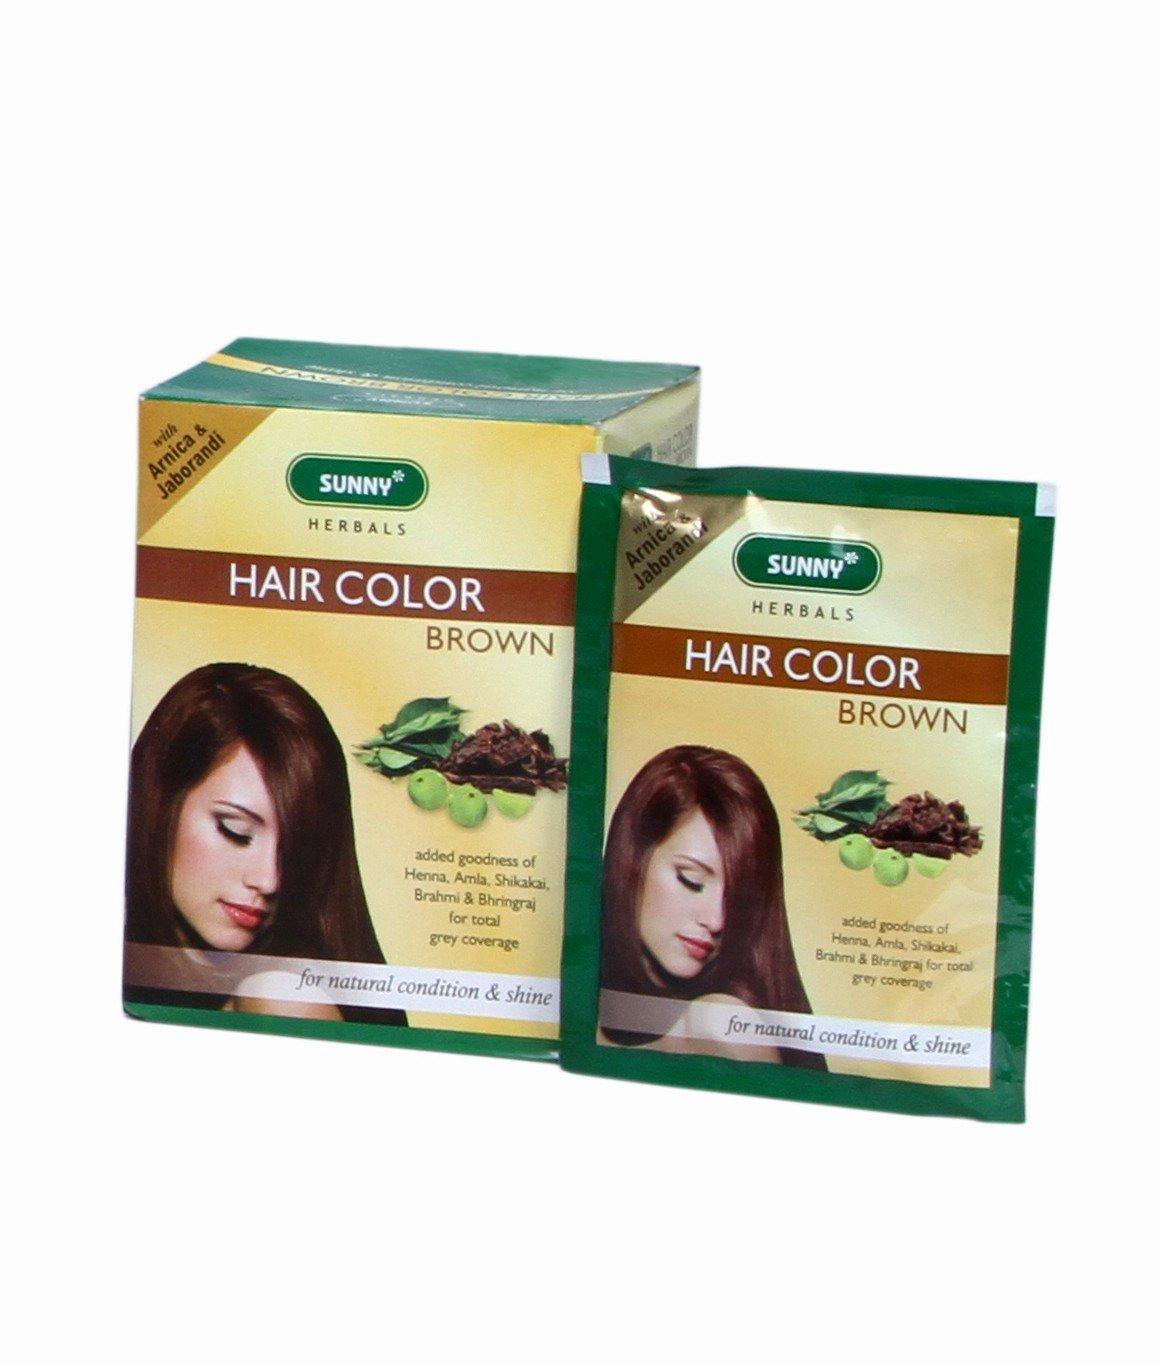 HERBAL HAIR COLOR DARK BROWN- Pack of 12